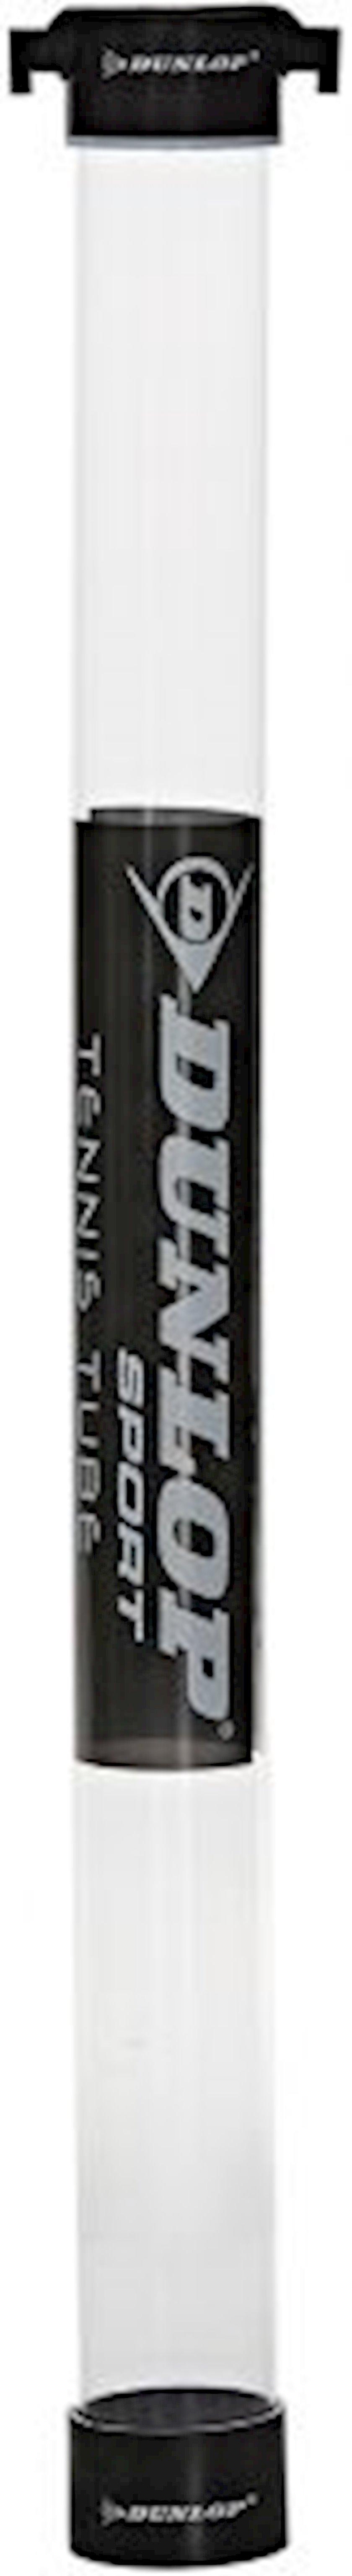 Tennis topları üçün tuba Dunlop Tennis Ball Pickup Tube, qara, tutumu 15 top